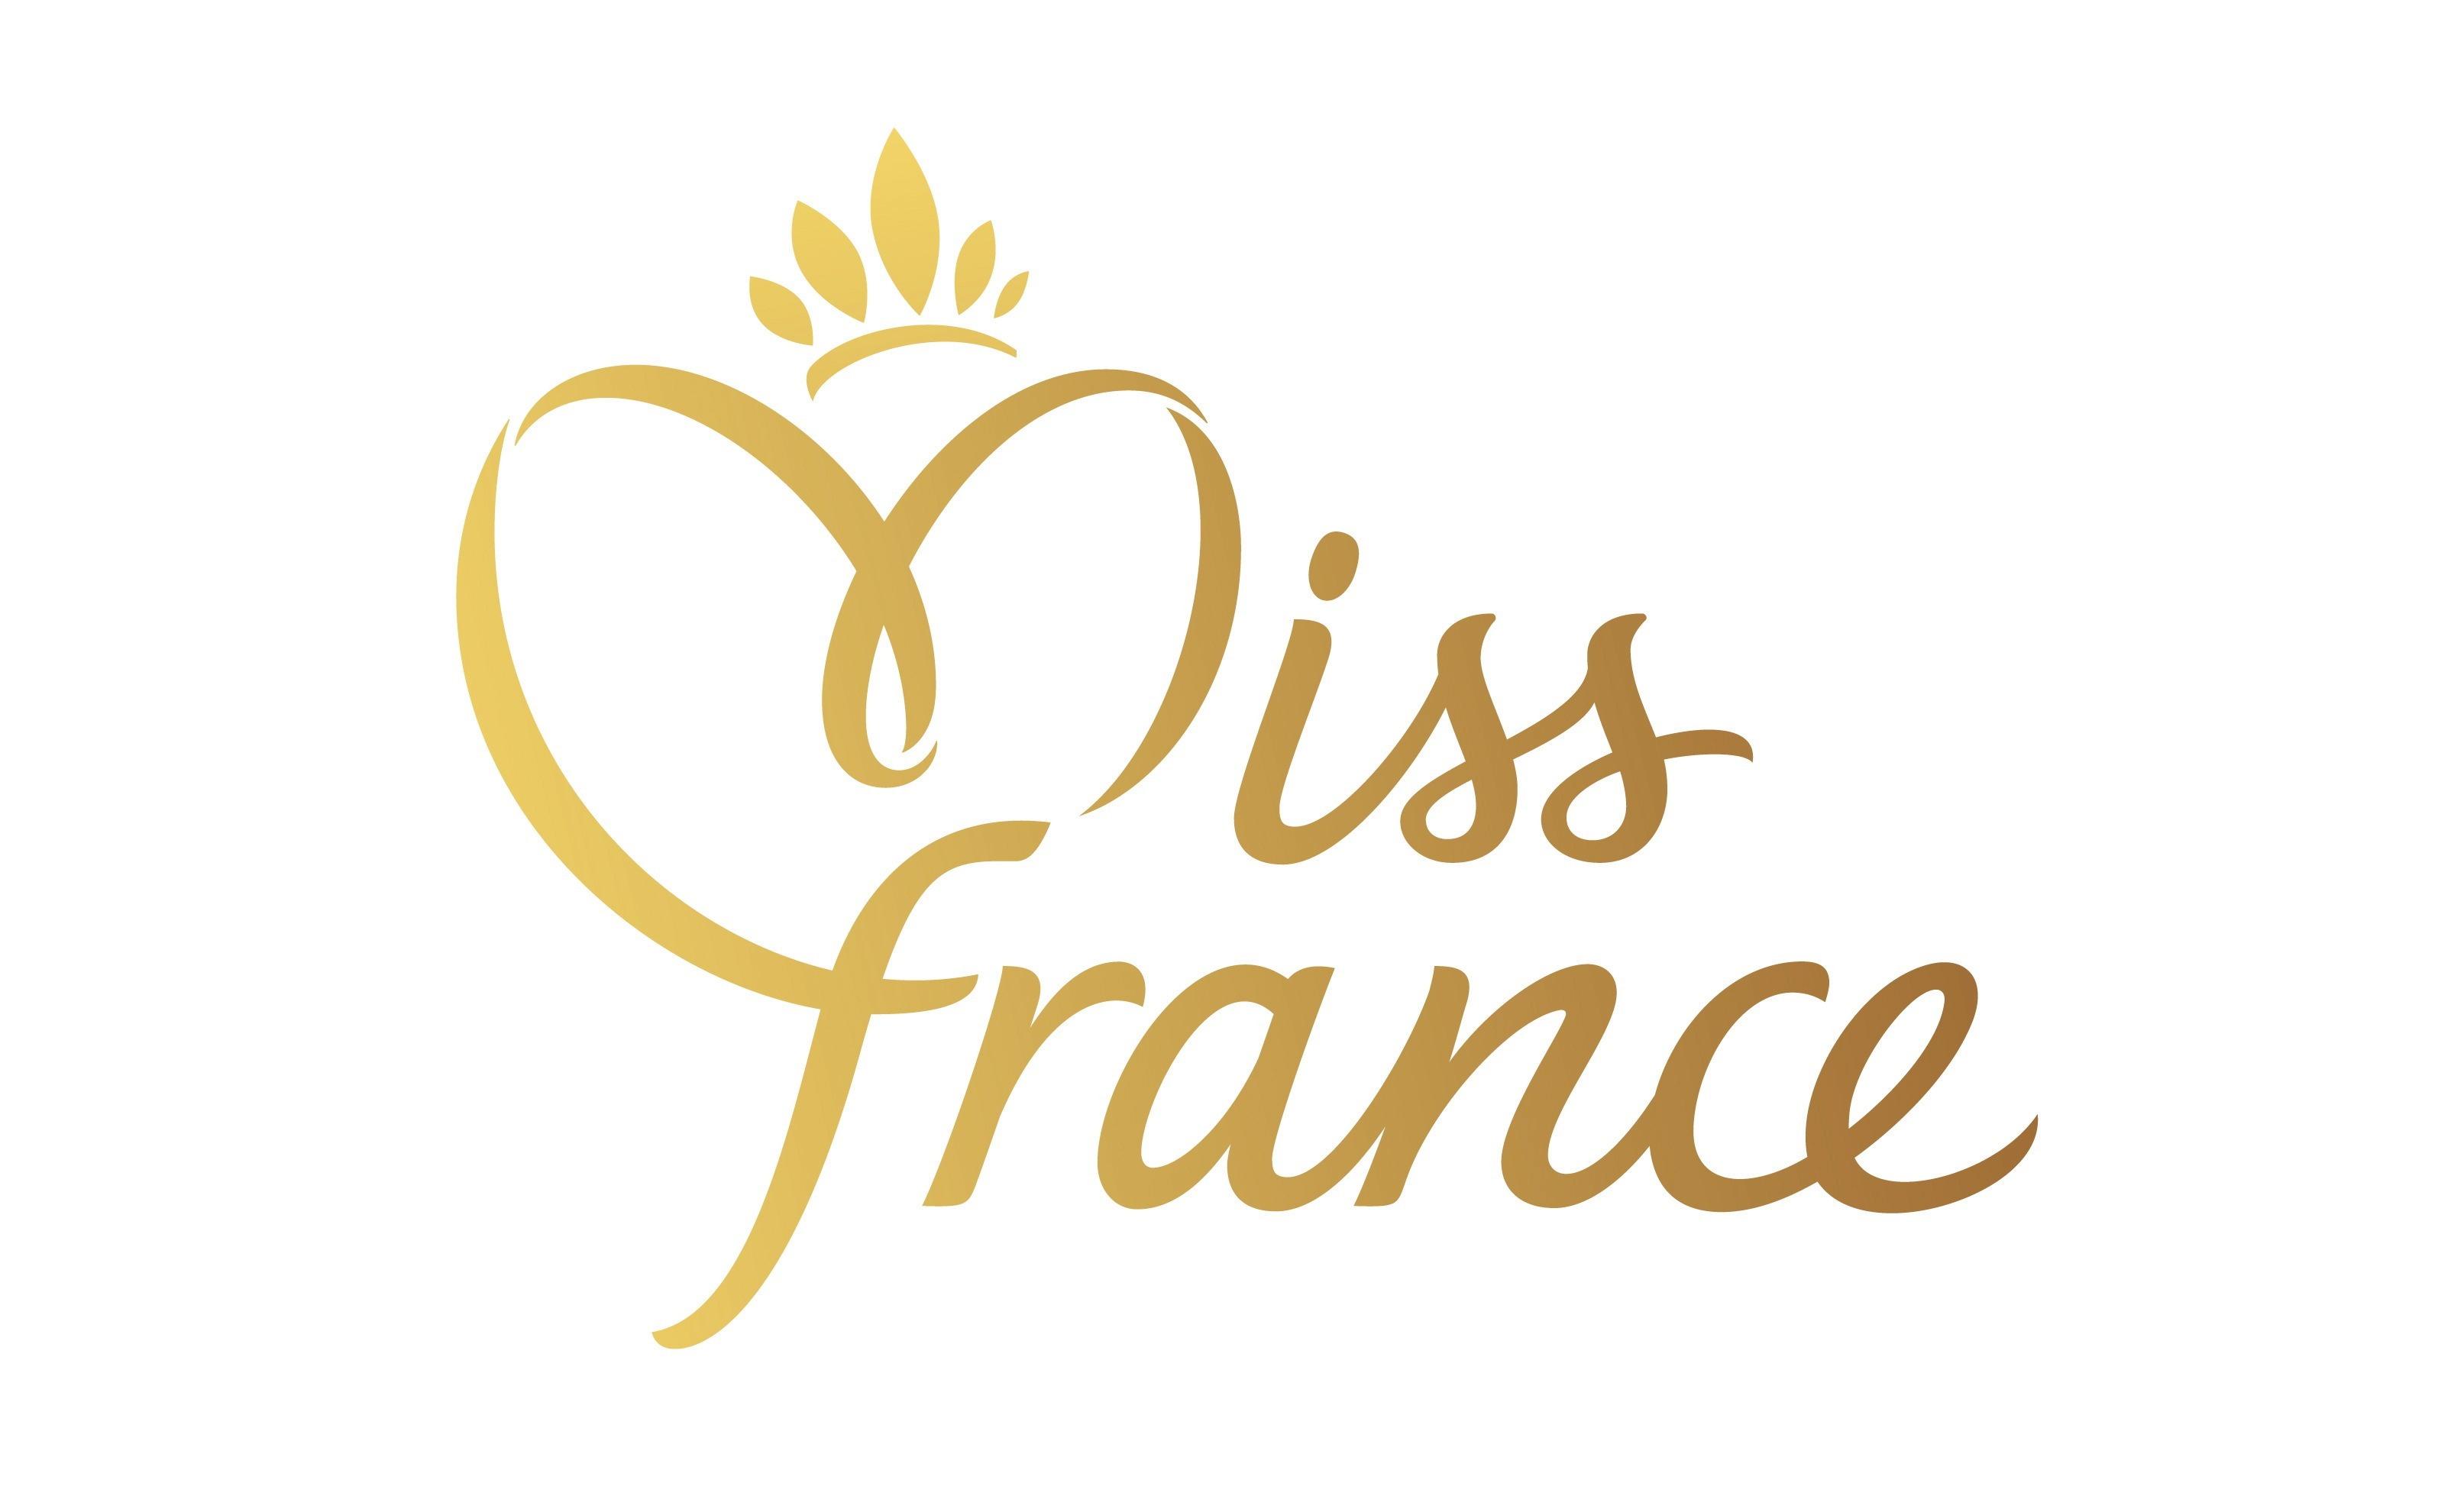 Miss France 2019: La cérémonie diffusée le 15 décembre en direct sur TF1 et les chaînes privées ultramarines